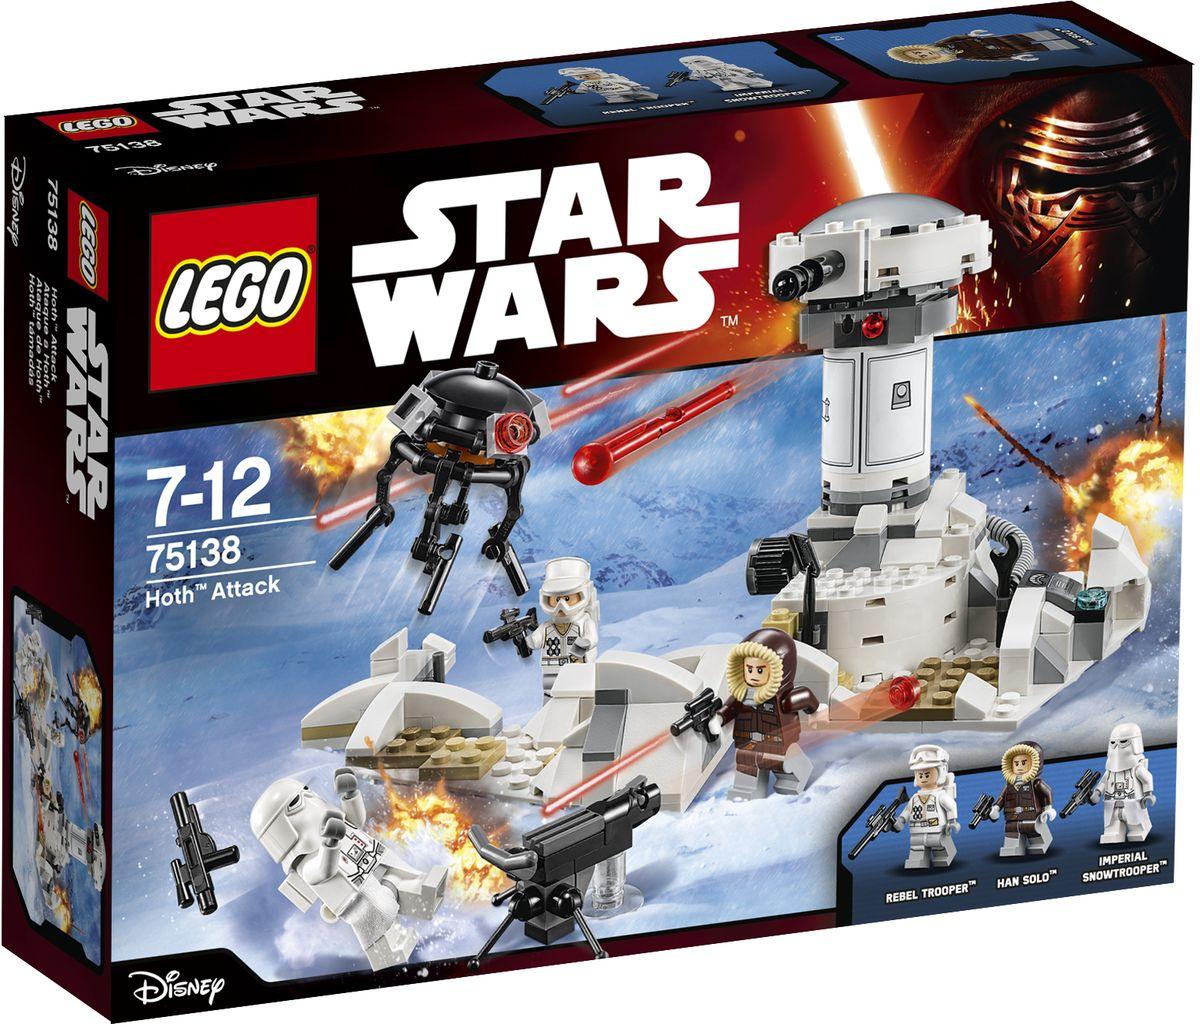 LEGO Star Wars Конструктор Нападение на Хот 7513875138Имперские силы обнаружили местонахождение тайной базы повстанцев и атакуют. Поверни башню, закрой люк и стреляй из пушки. Ищи снежного штурмовика, стреляющего из бластера, и уничтожь имперский дроид-разведчик, прежде чем тот подберется слишком близко. Сможешь ли ты помочь Хану Соло и повстанцам остановить захват базы? Только ты можешь это решить! Конструктор LEGO Star Wars Нападение на Хот - это один из самых увлекательнейших и веселых способов времяпрепровождения. Ребенок сможет часами играть с конструктором, придумывая различные ситуации и истории. В набор также входят 3 мини-фигурки: имперского штурмовика, солдата Сопротивления и Хана Соло. В процессе игры с конструкторами LEGO дети приобретают и постигают такие необходимые навыки как познание, творчество, воображение. Обычные наблюдения за детьми показывают, что единственное, чему они с удовольствием посвящают время, - это игры. Игра - это состояние души, это веселый опыт познания реальности. Играя, дети...